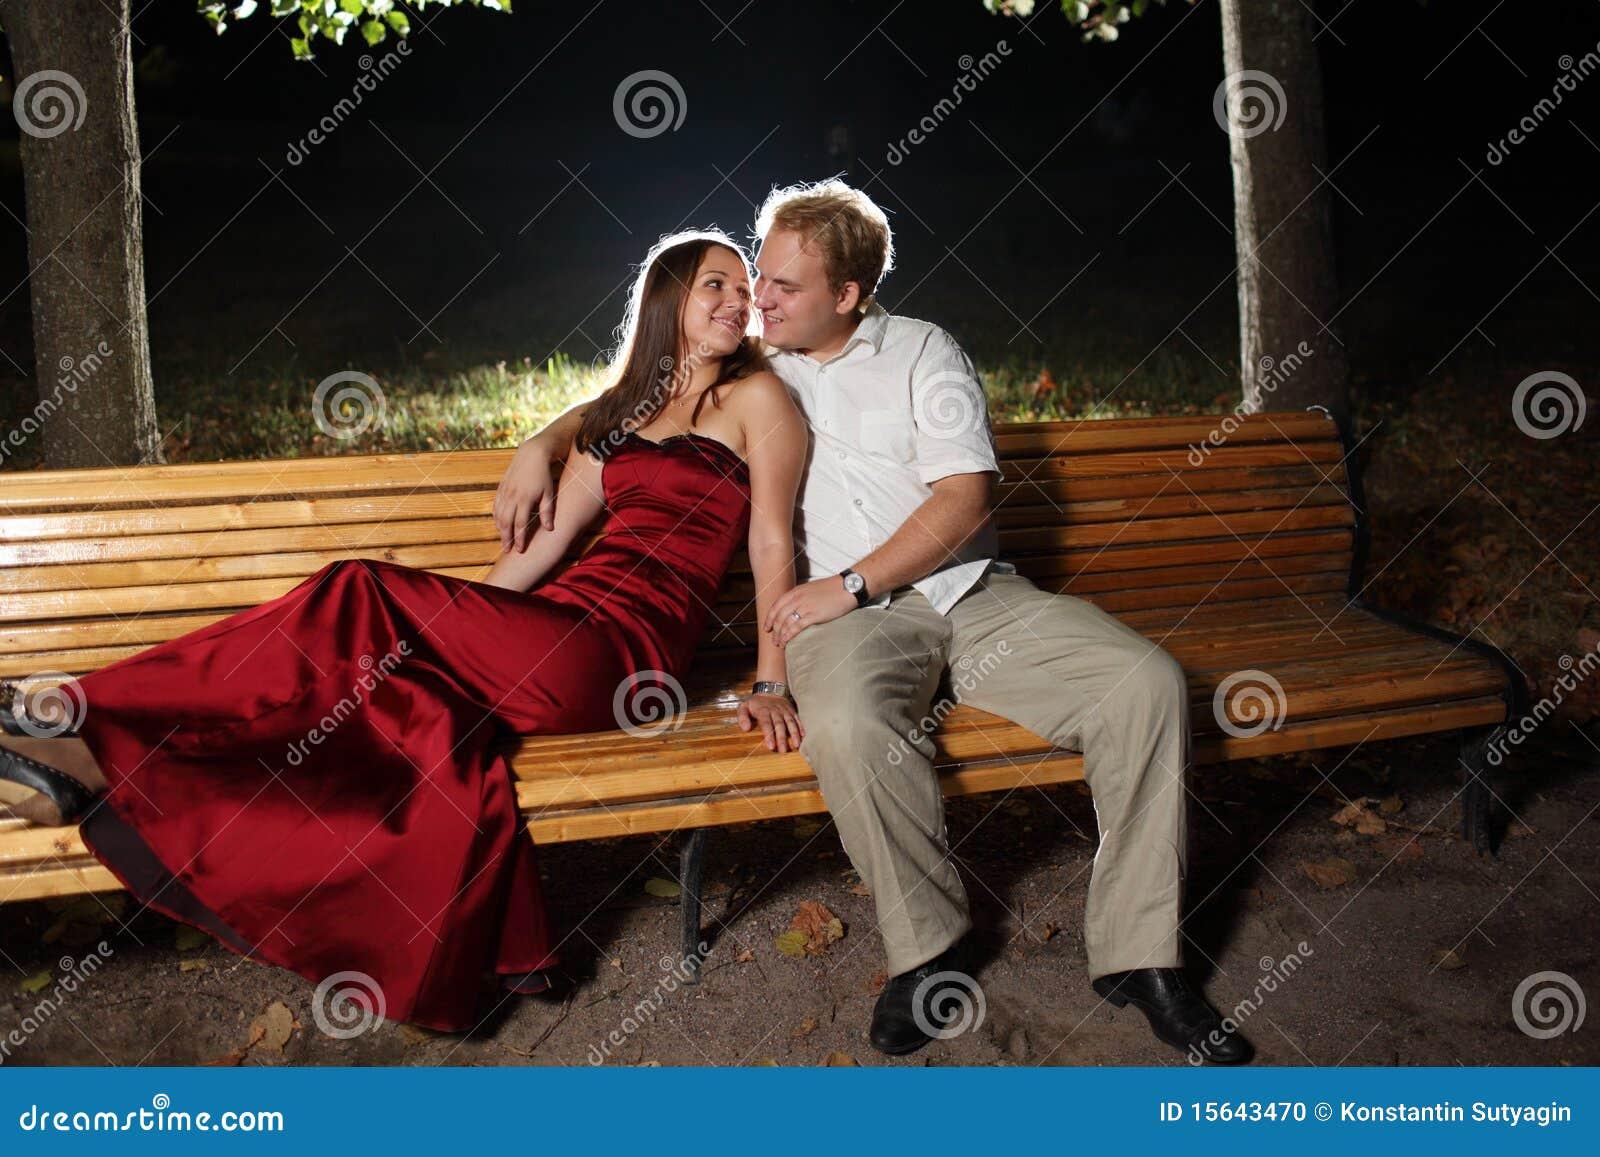 Couple on bench stock photo. Image of lifestyle, flirt ...